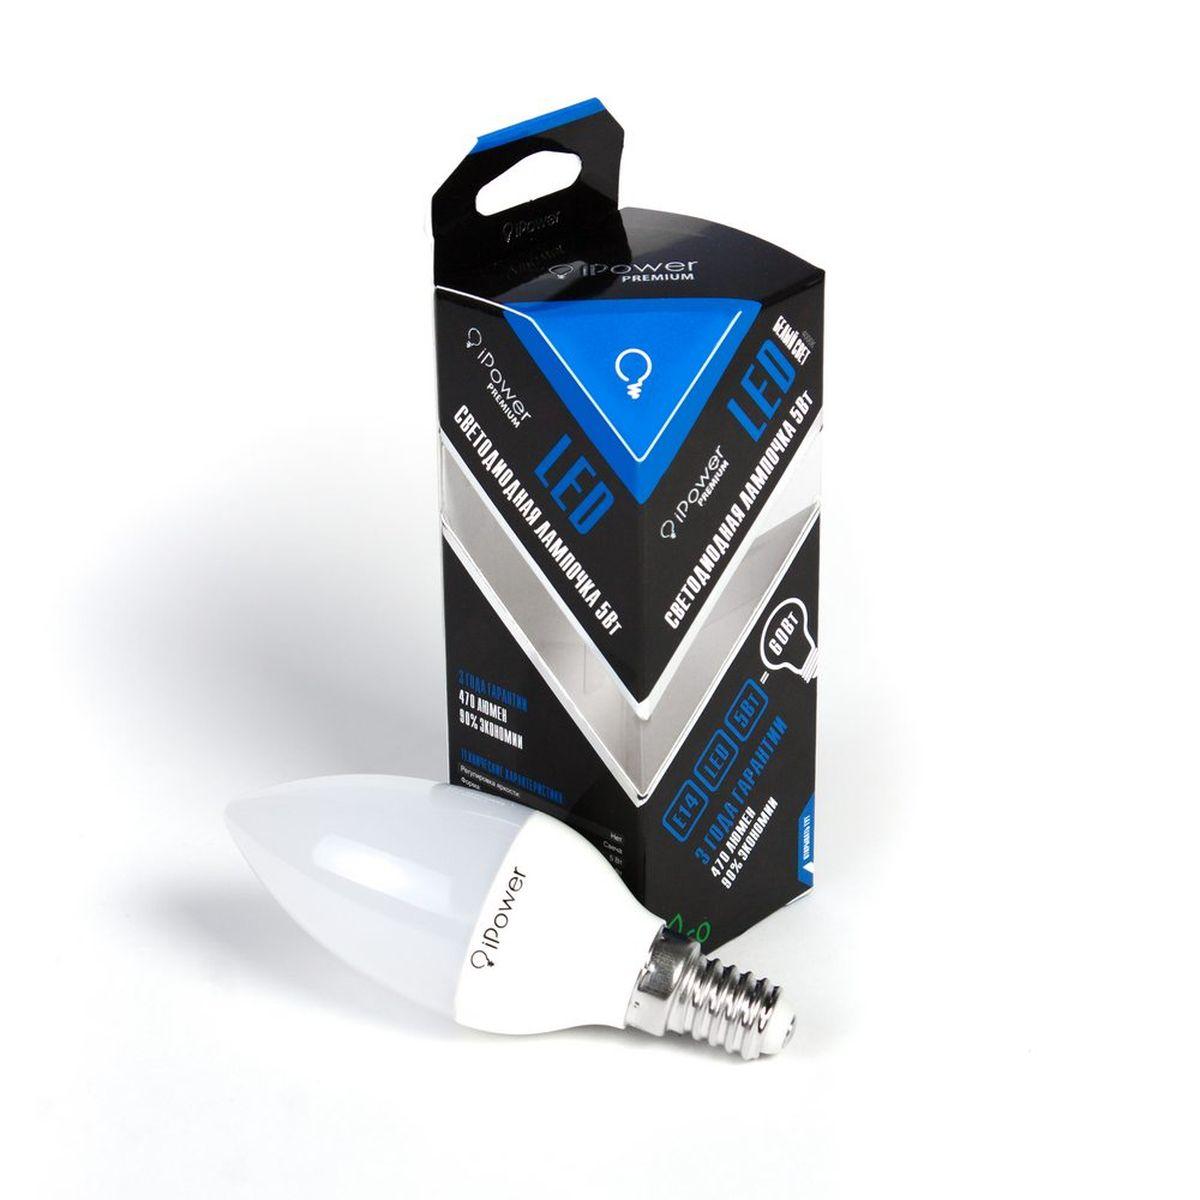 Лампа светодиодная iPower Premium, цоколь Е14, 5W, 4000К1001959Светодиодная лампа iPower Premium имеет очень низкое энергопотребление. В сравнении с лампами накаливания LED потребляет в 12 разменьше электричества, а в сравнении с энергосберегающими - в 2-4 раза меньше. При этом срок службы LED лампочки в 5 раз выше, чемэнергосберегающей, и в 50 раз выше, чем у лампы накаливания. Светодиодная лампа iPower Premium создает мягкий рассеивающий свет безмерцаний, что совершенно безопасно для глаз. Она специально разработана по требованиям российских и европейских законов и подходит ковсем осветительным устройствам, совместимым со стандартным цоколем E27. Использование светодиодов от мирового лидера Epistar - этозалог надежной и стабильной работы лампы. Нейтральный белый оттенок свечения идеально подойдет для освещения, как офисов,образовательных и медицинских учреждений, так и кухни, гостиной.Диапазон рабочих температур: от -50°C до +50°С.Материал: алюминий, поликарбонат.Потребляемая мощность: 5 Вт.Рабочее напряжение: 220В.Световая температура: 4000К (белый свет).Срок службы: 50000 часов.Форма: свеча.Цоколь: миньон (E14).Эквивалент мощности лампы накаливания: 60 Вт.Яркость свечения: 470 Лм.